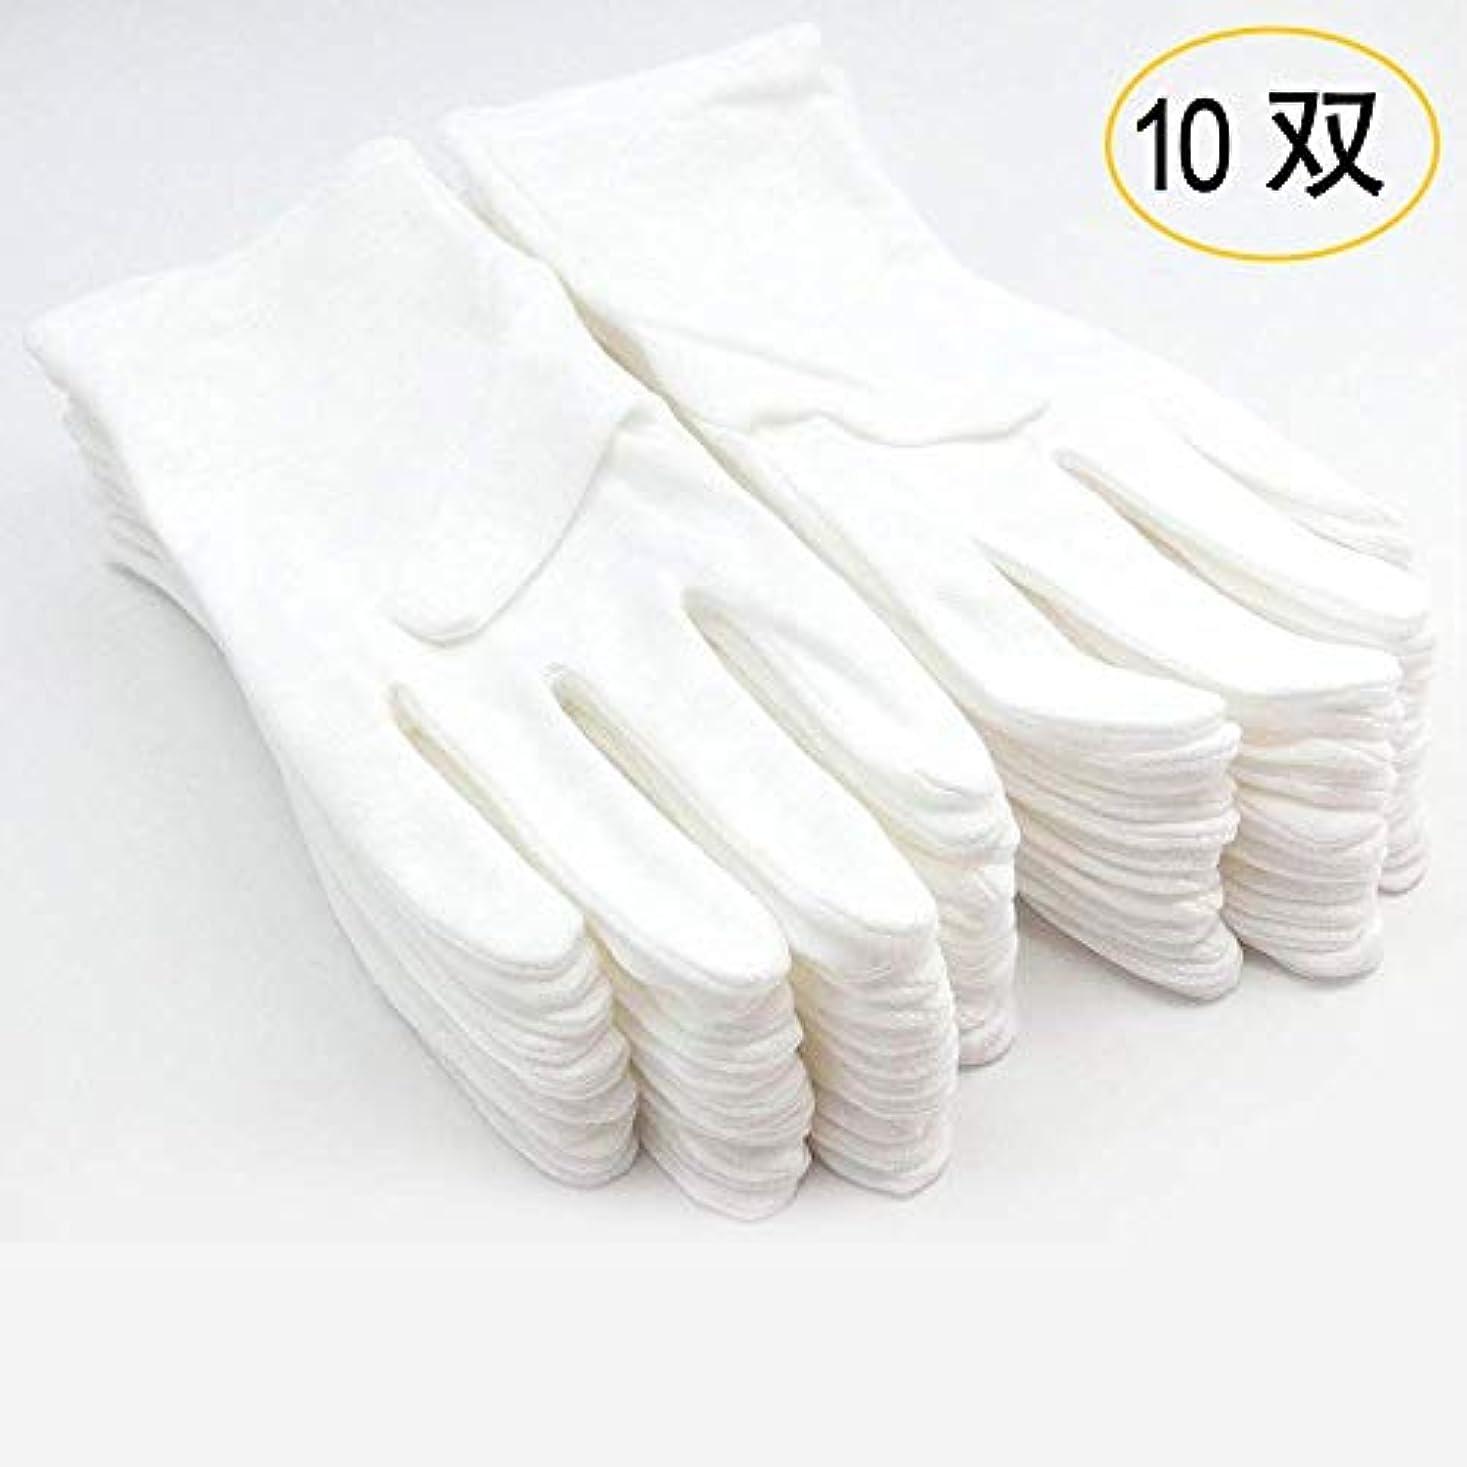 唯物論政治家のスキニー綿手袋 純綿100% 通気性 コットン手袋 10双組